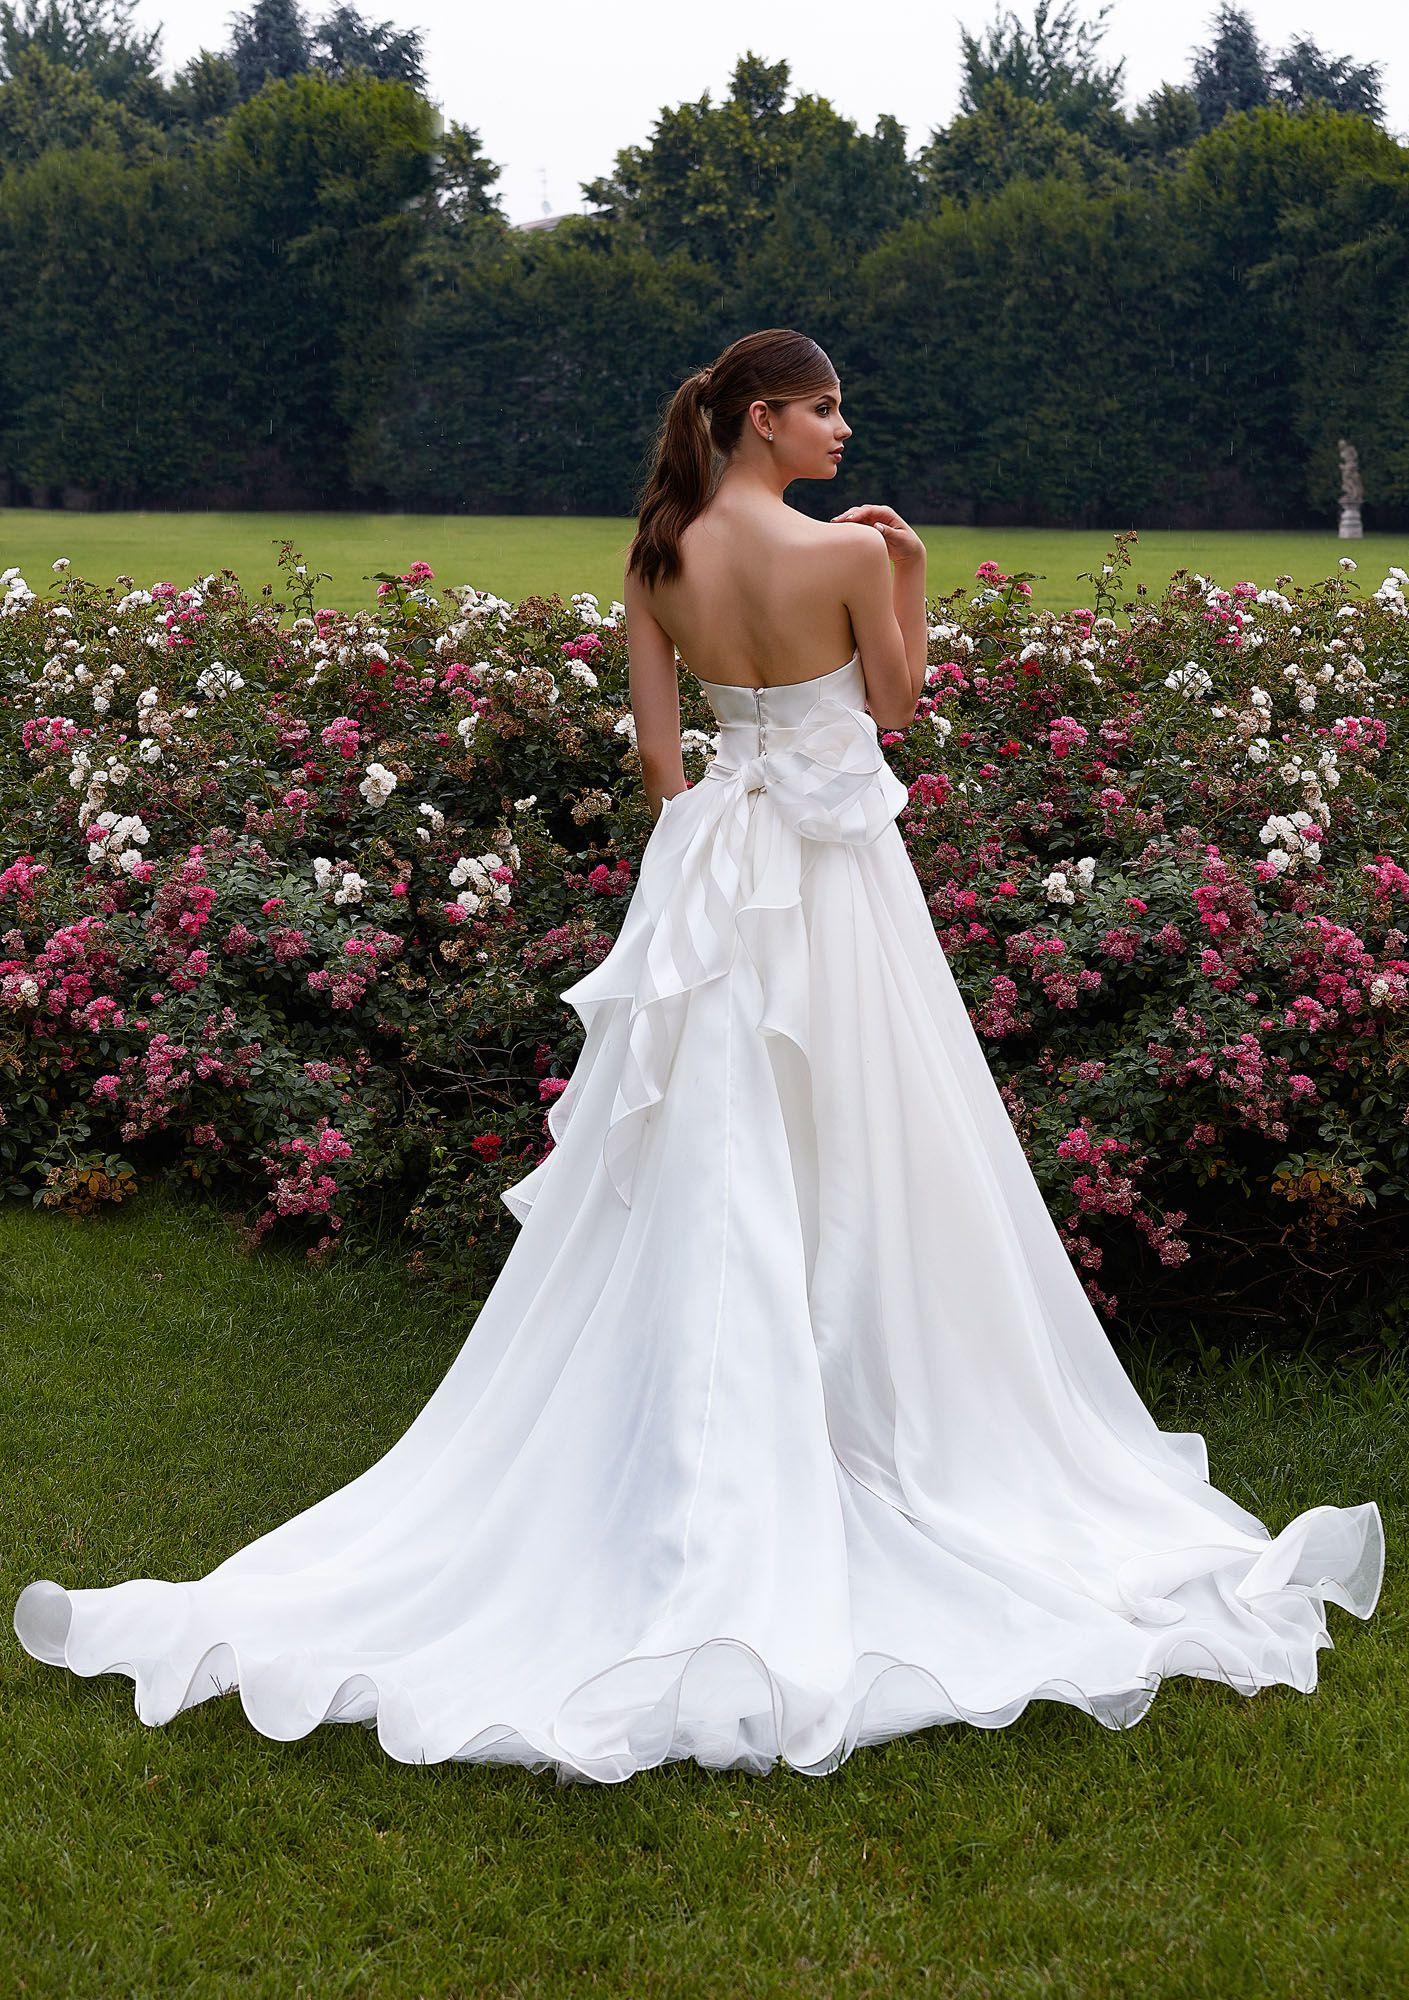 b281df3deda0 MODELLO 1818 Abito da sposa in organza di seta pura con fiocco haute  couture in con